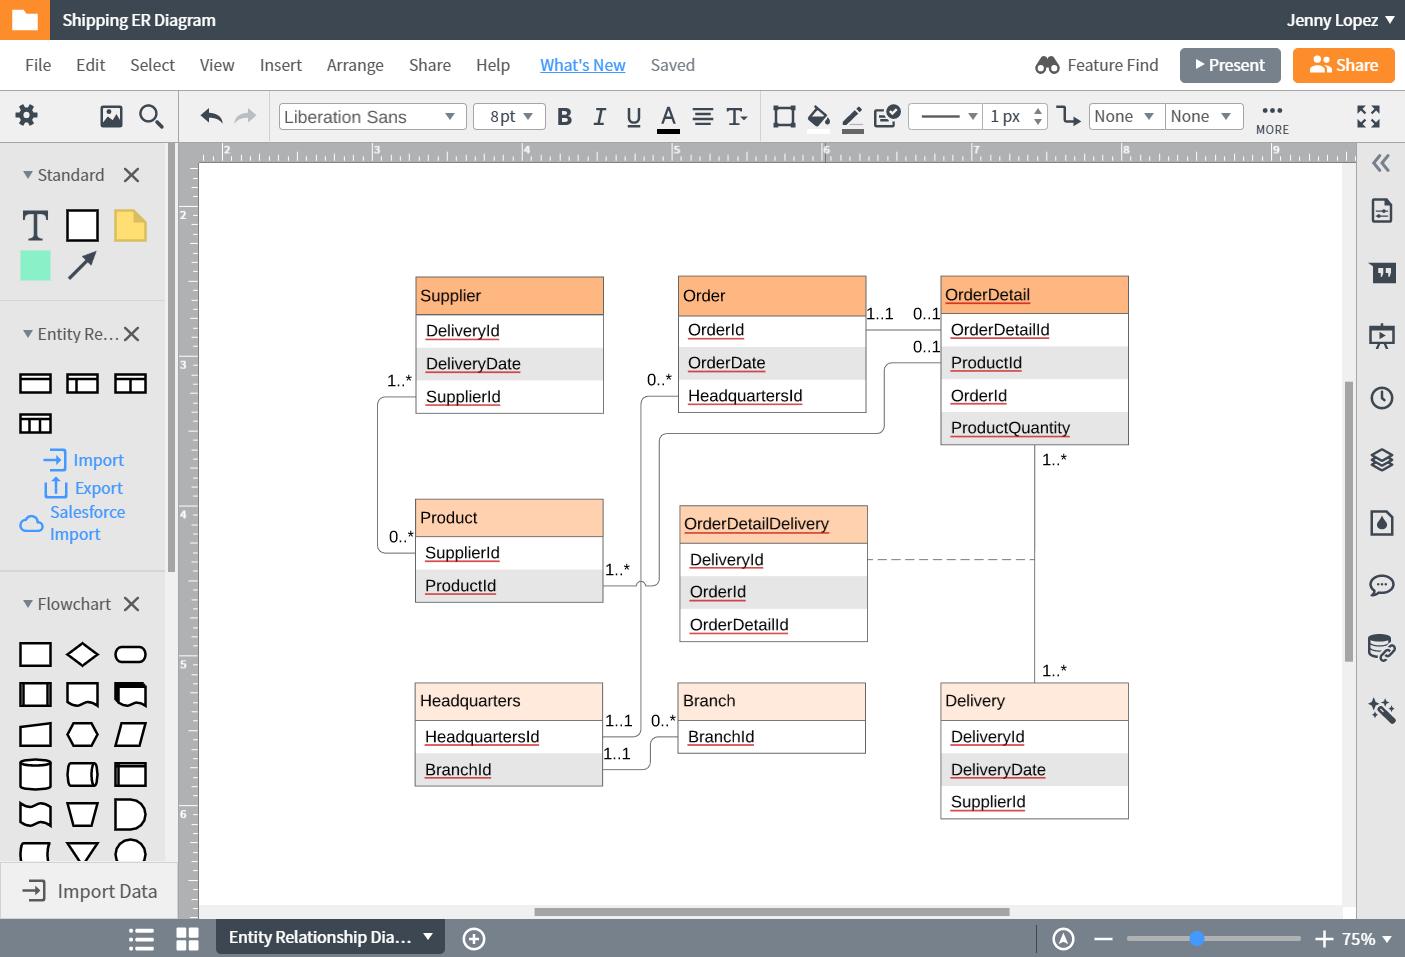 Er Diagram (Erd) Tool | Lucidchart with regard to How To Create Er Diagram Online